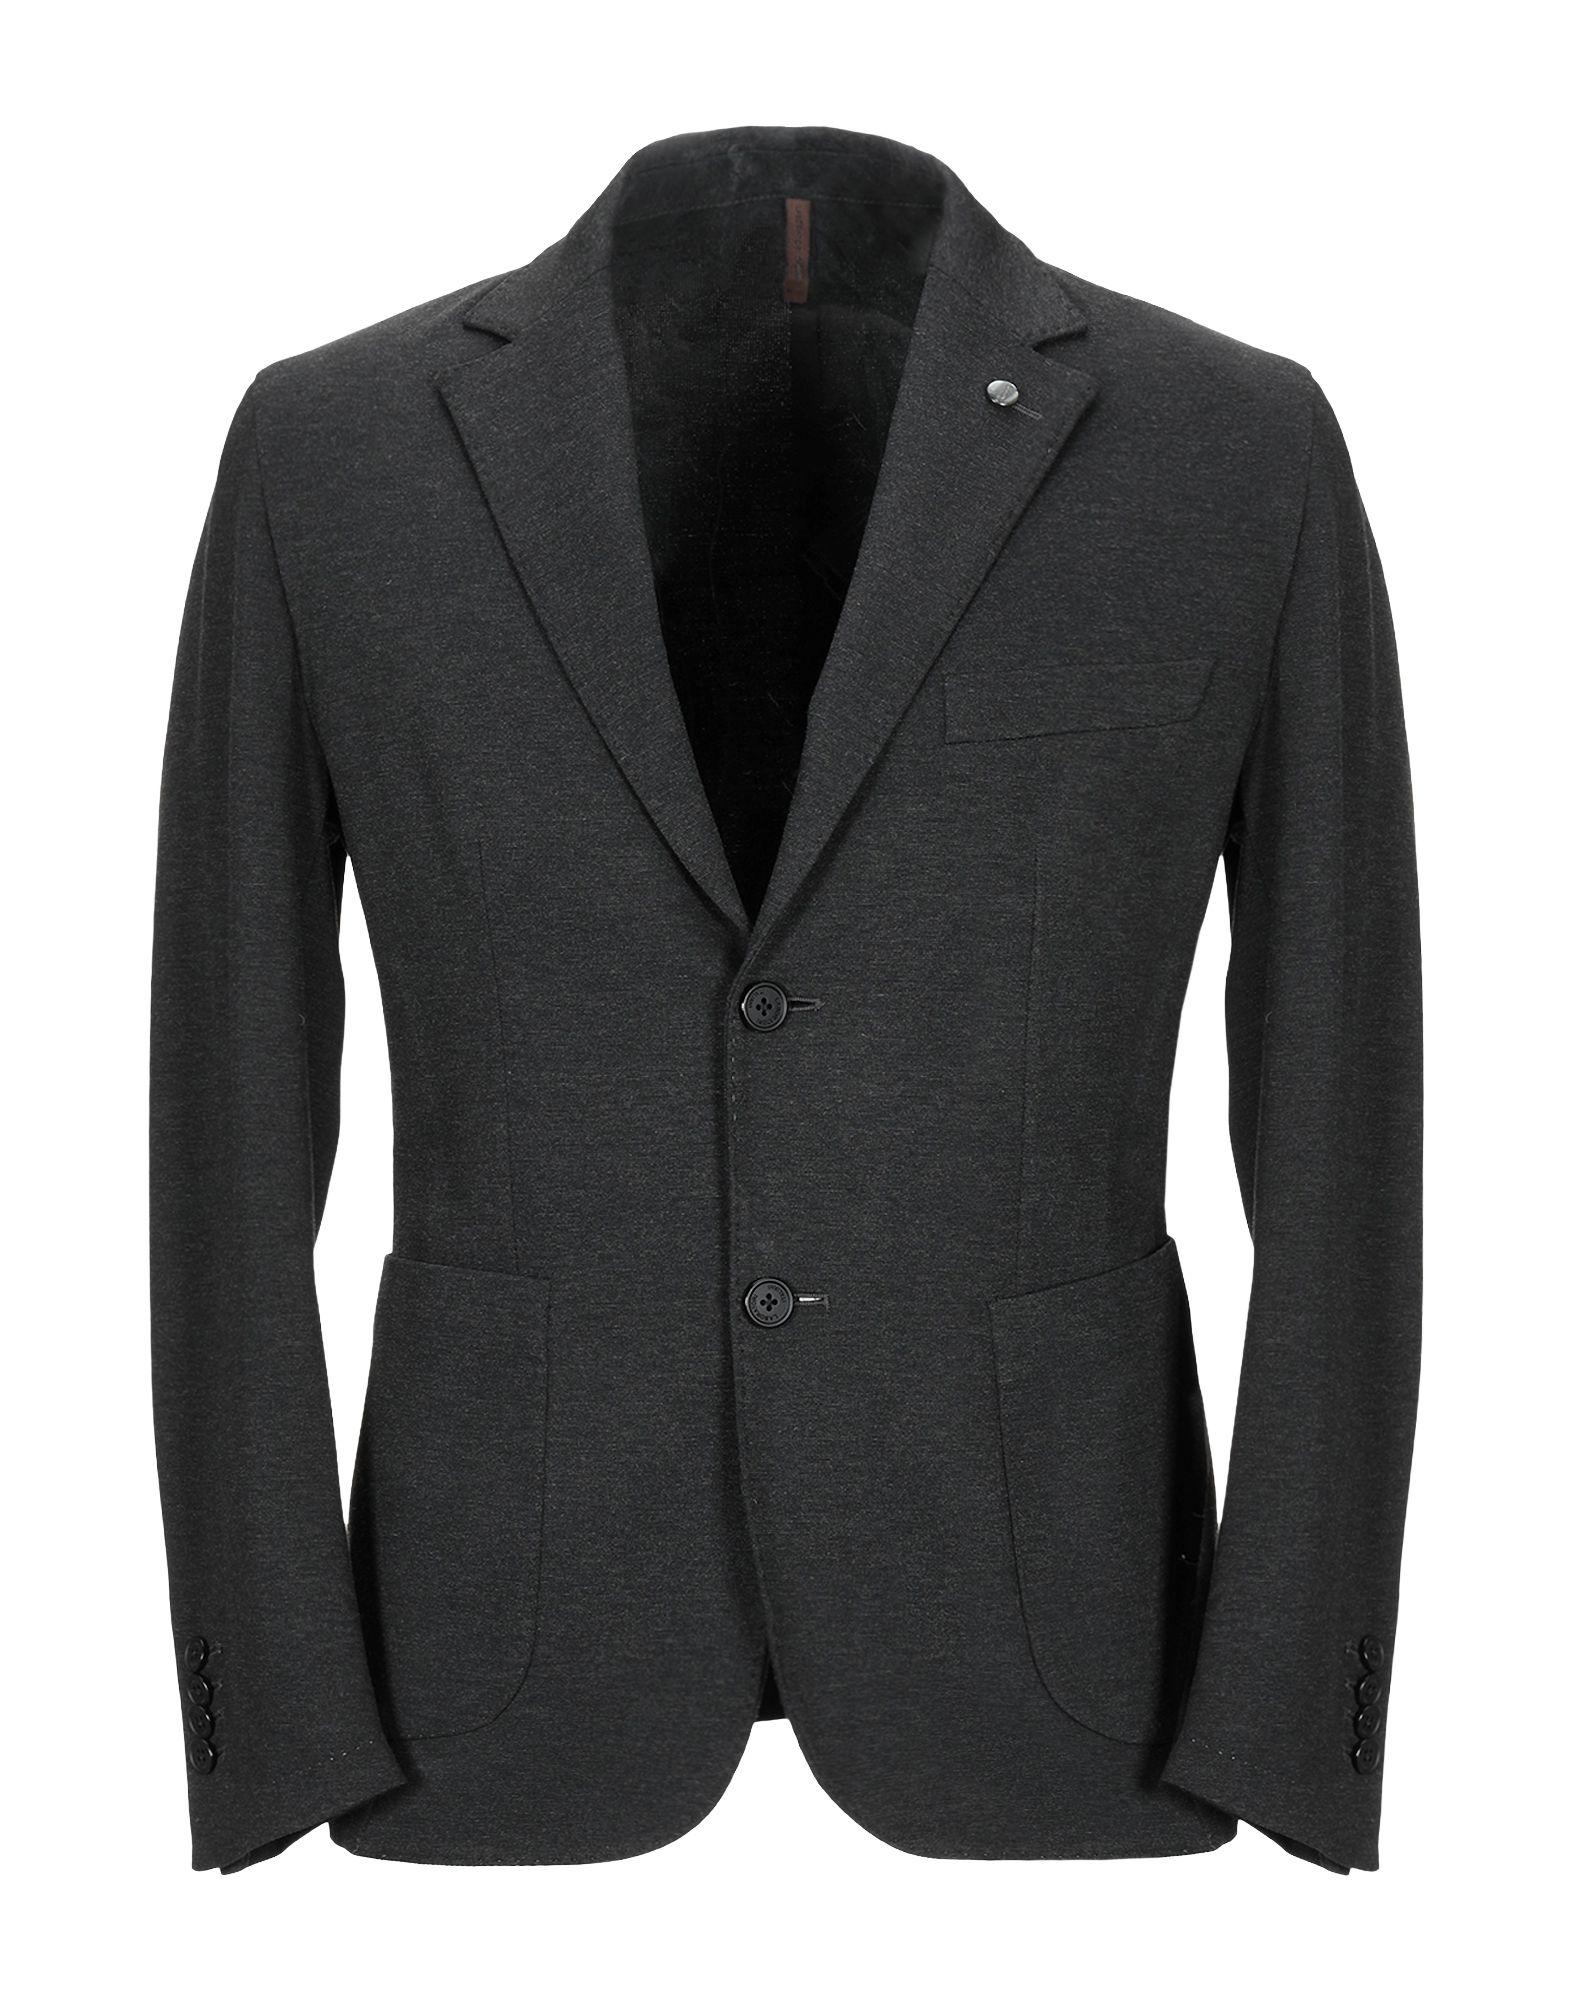 《期間限定セール中》LABORATORI ITALIANI メンズ テーラードジャケット スチールグレー 46 レーヨン 68% / ナイロン 27% / ポリウレタン 5%